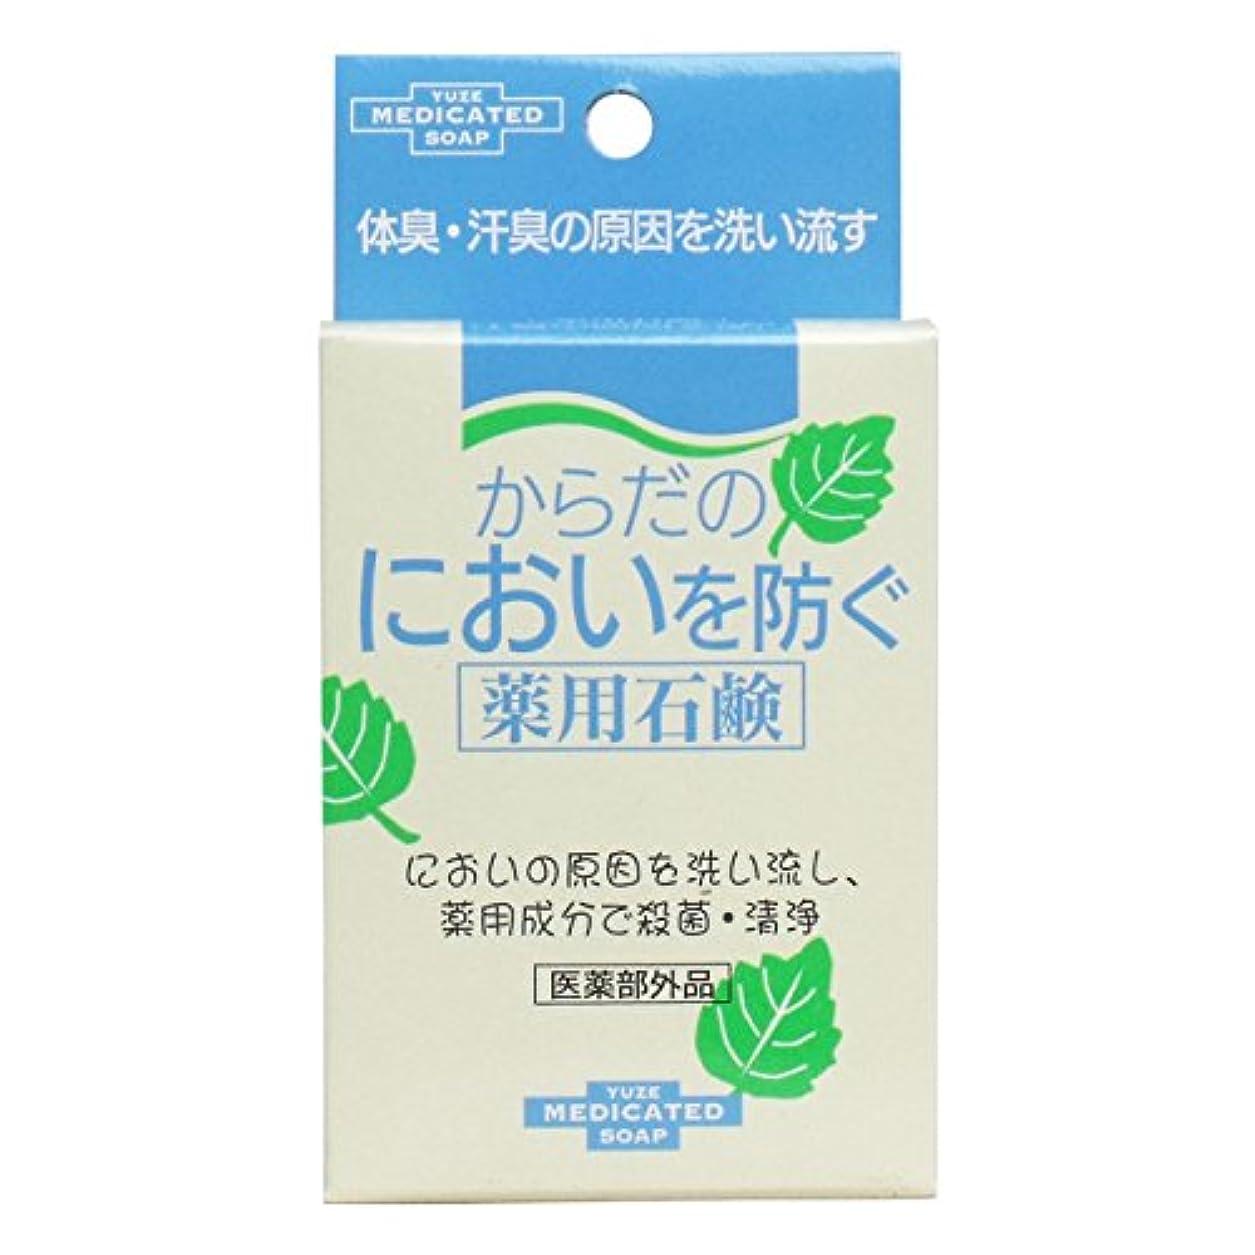 発症繰り返し定義からだのにおいを防ぐ薬用石鹸 110g ユゼ